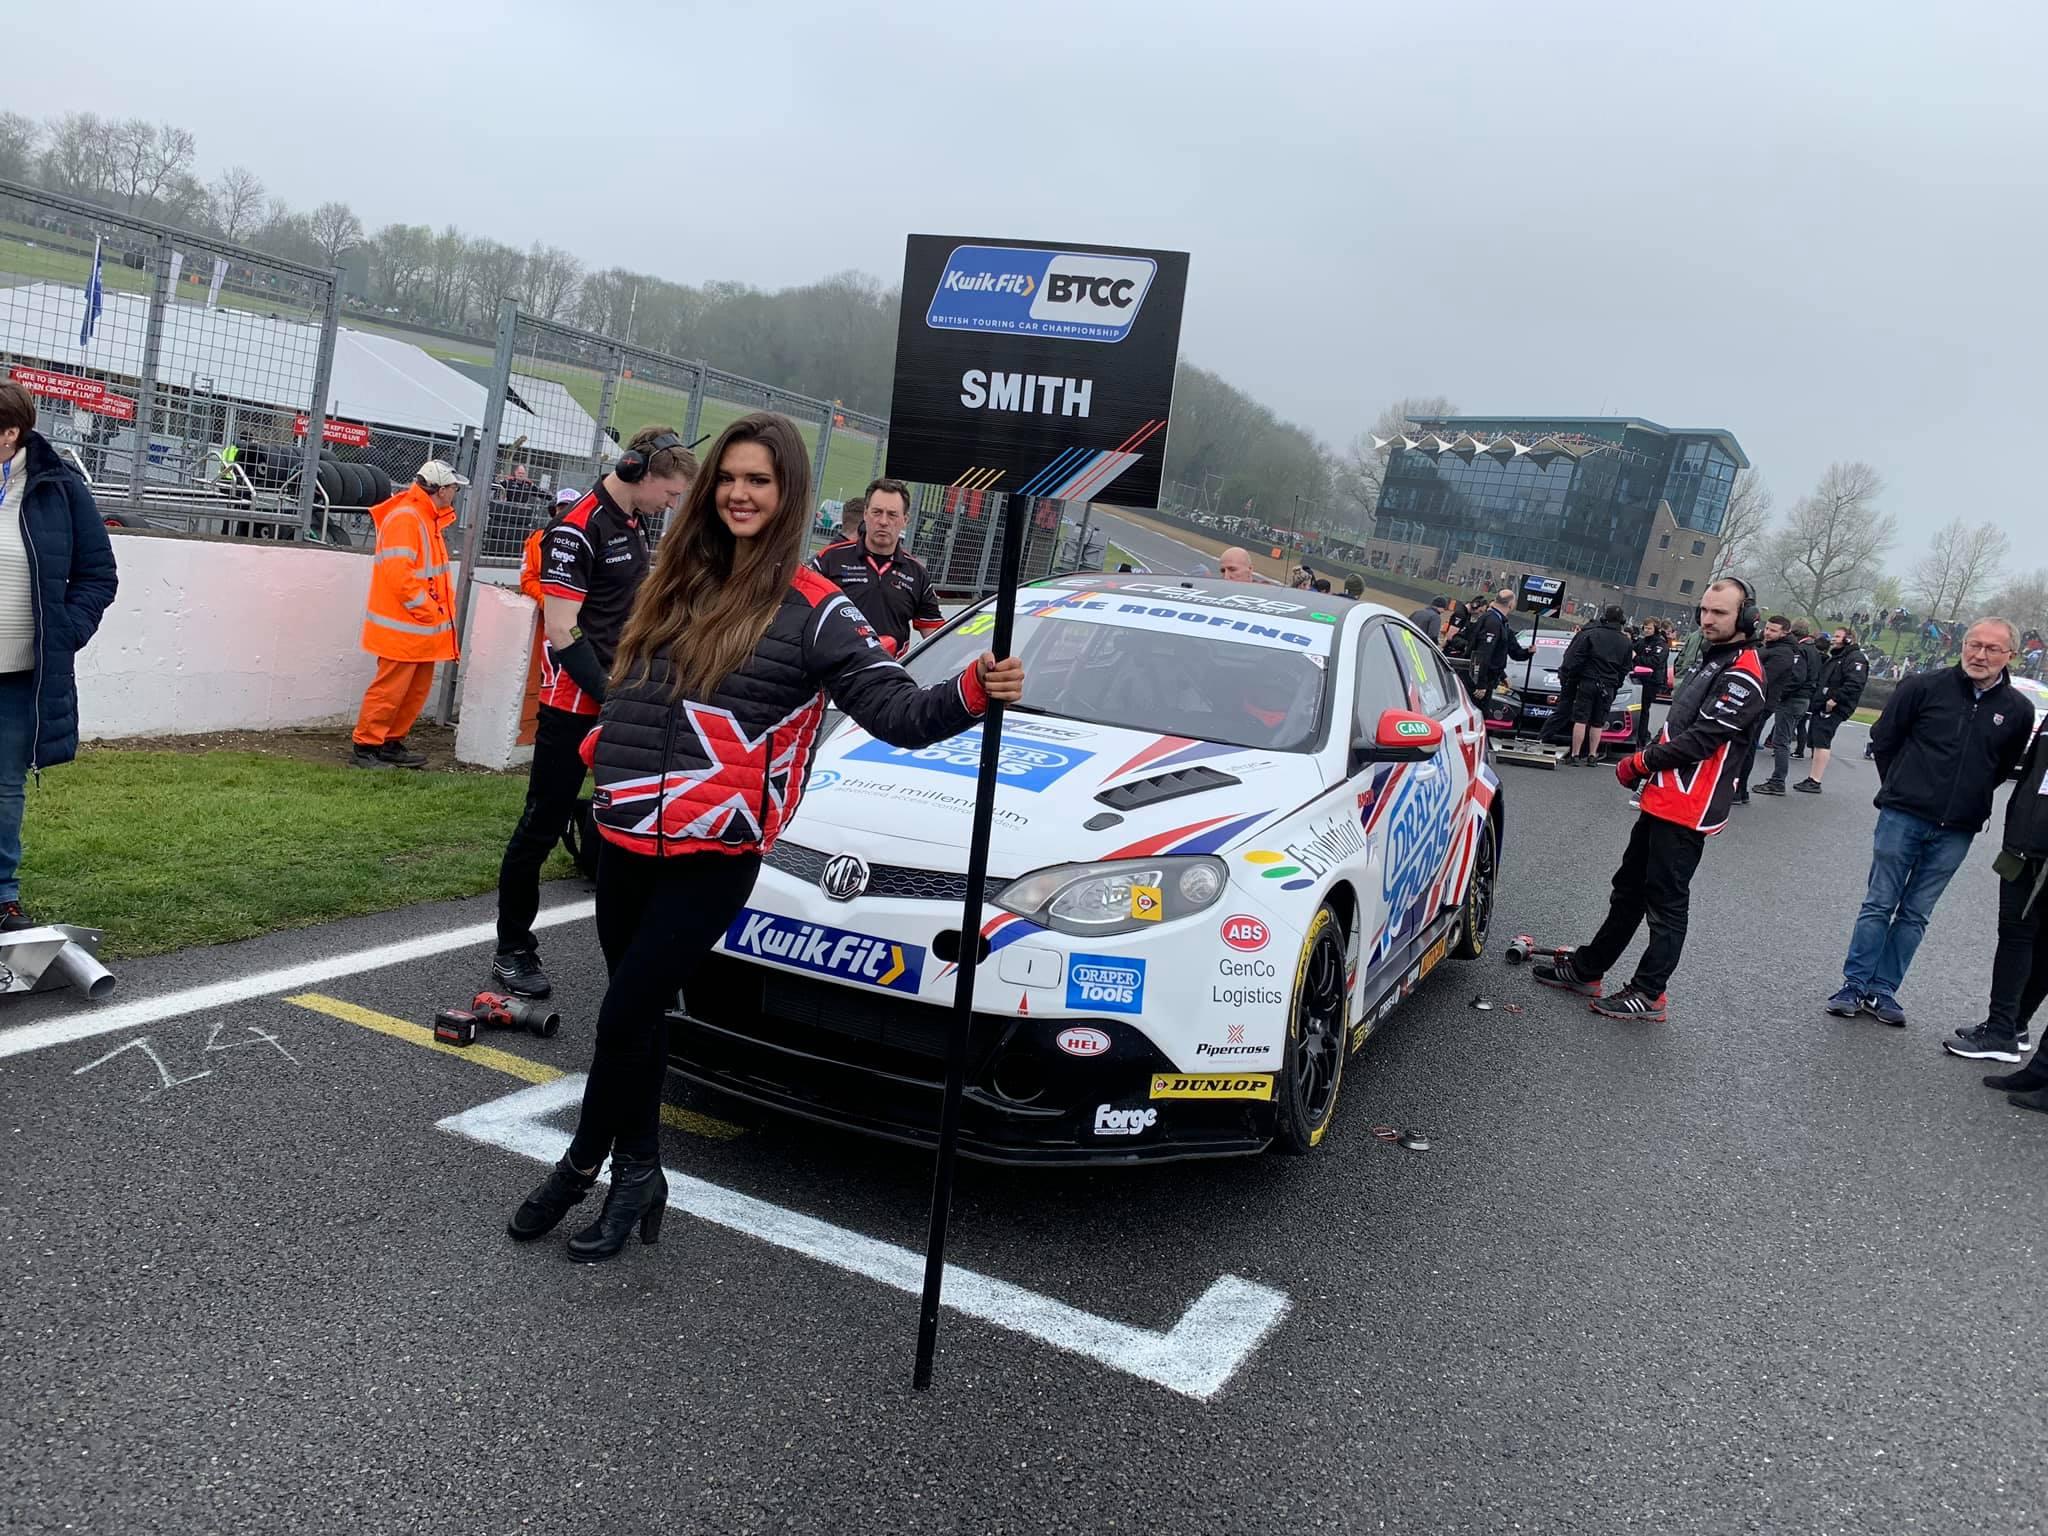 Excelr8 Motorsport BTCC at Brands Hatch BTCC – 7th April 19